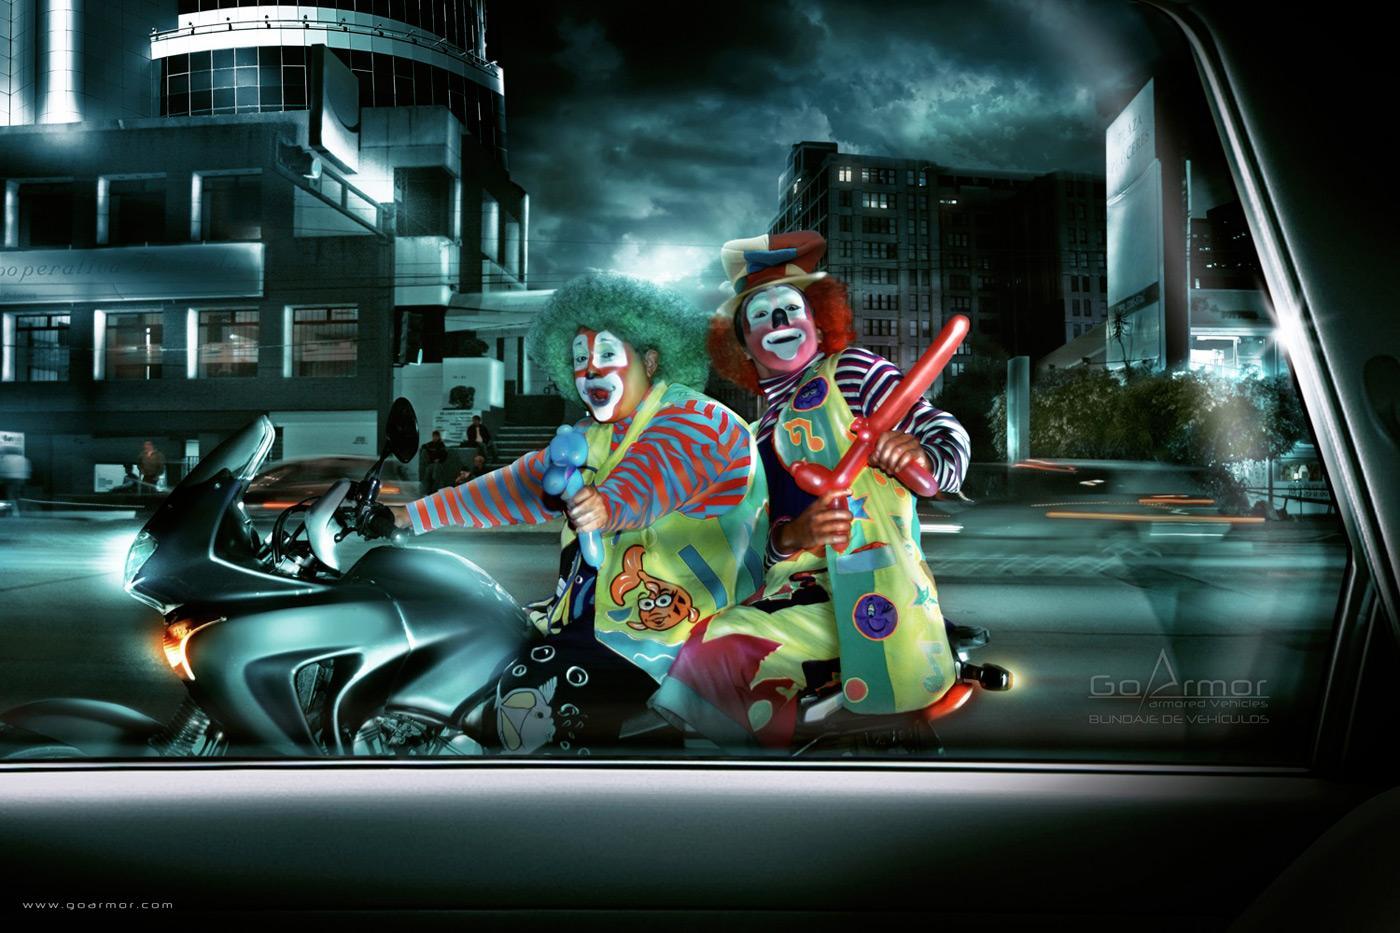 Go Armor Print Ad -  Clowns